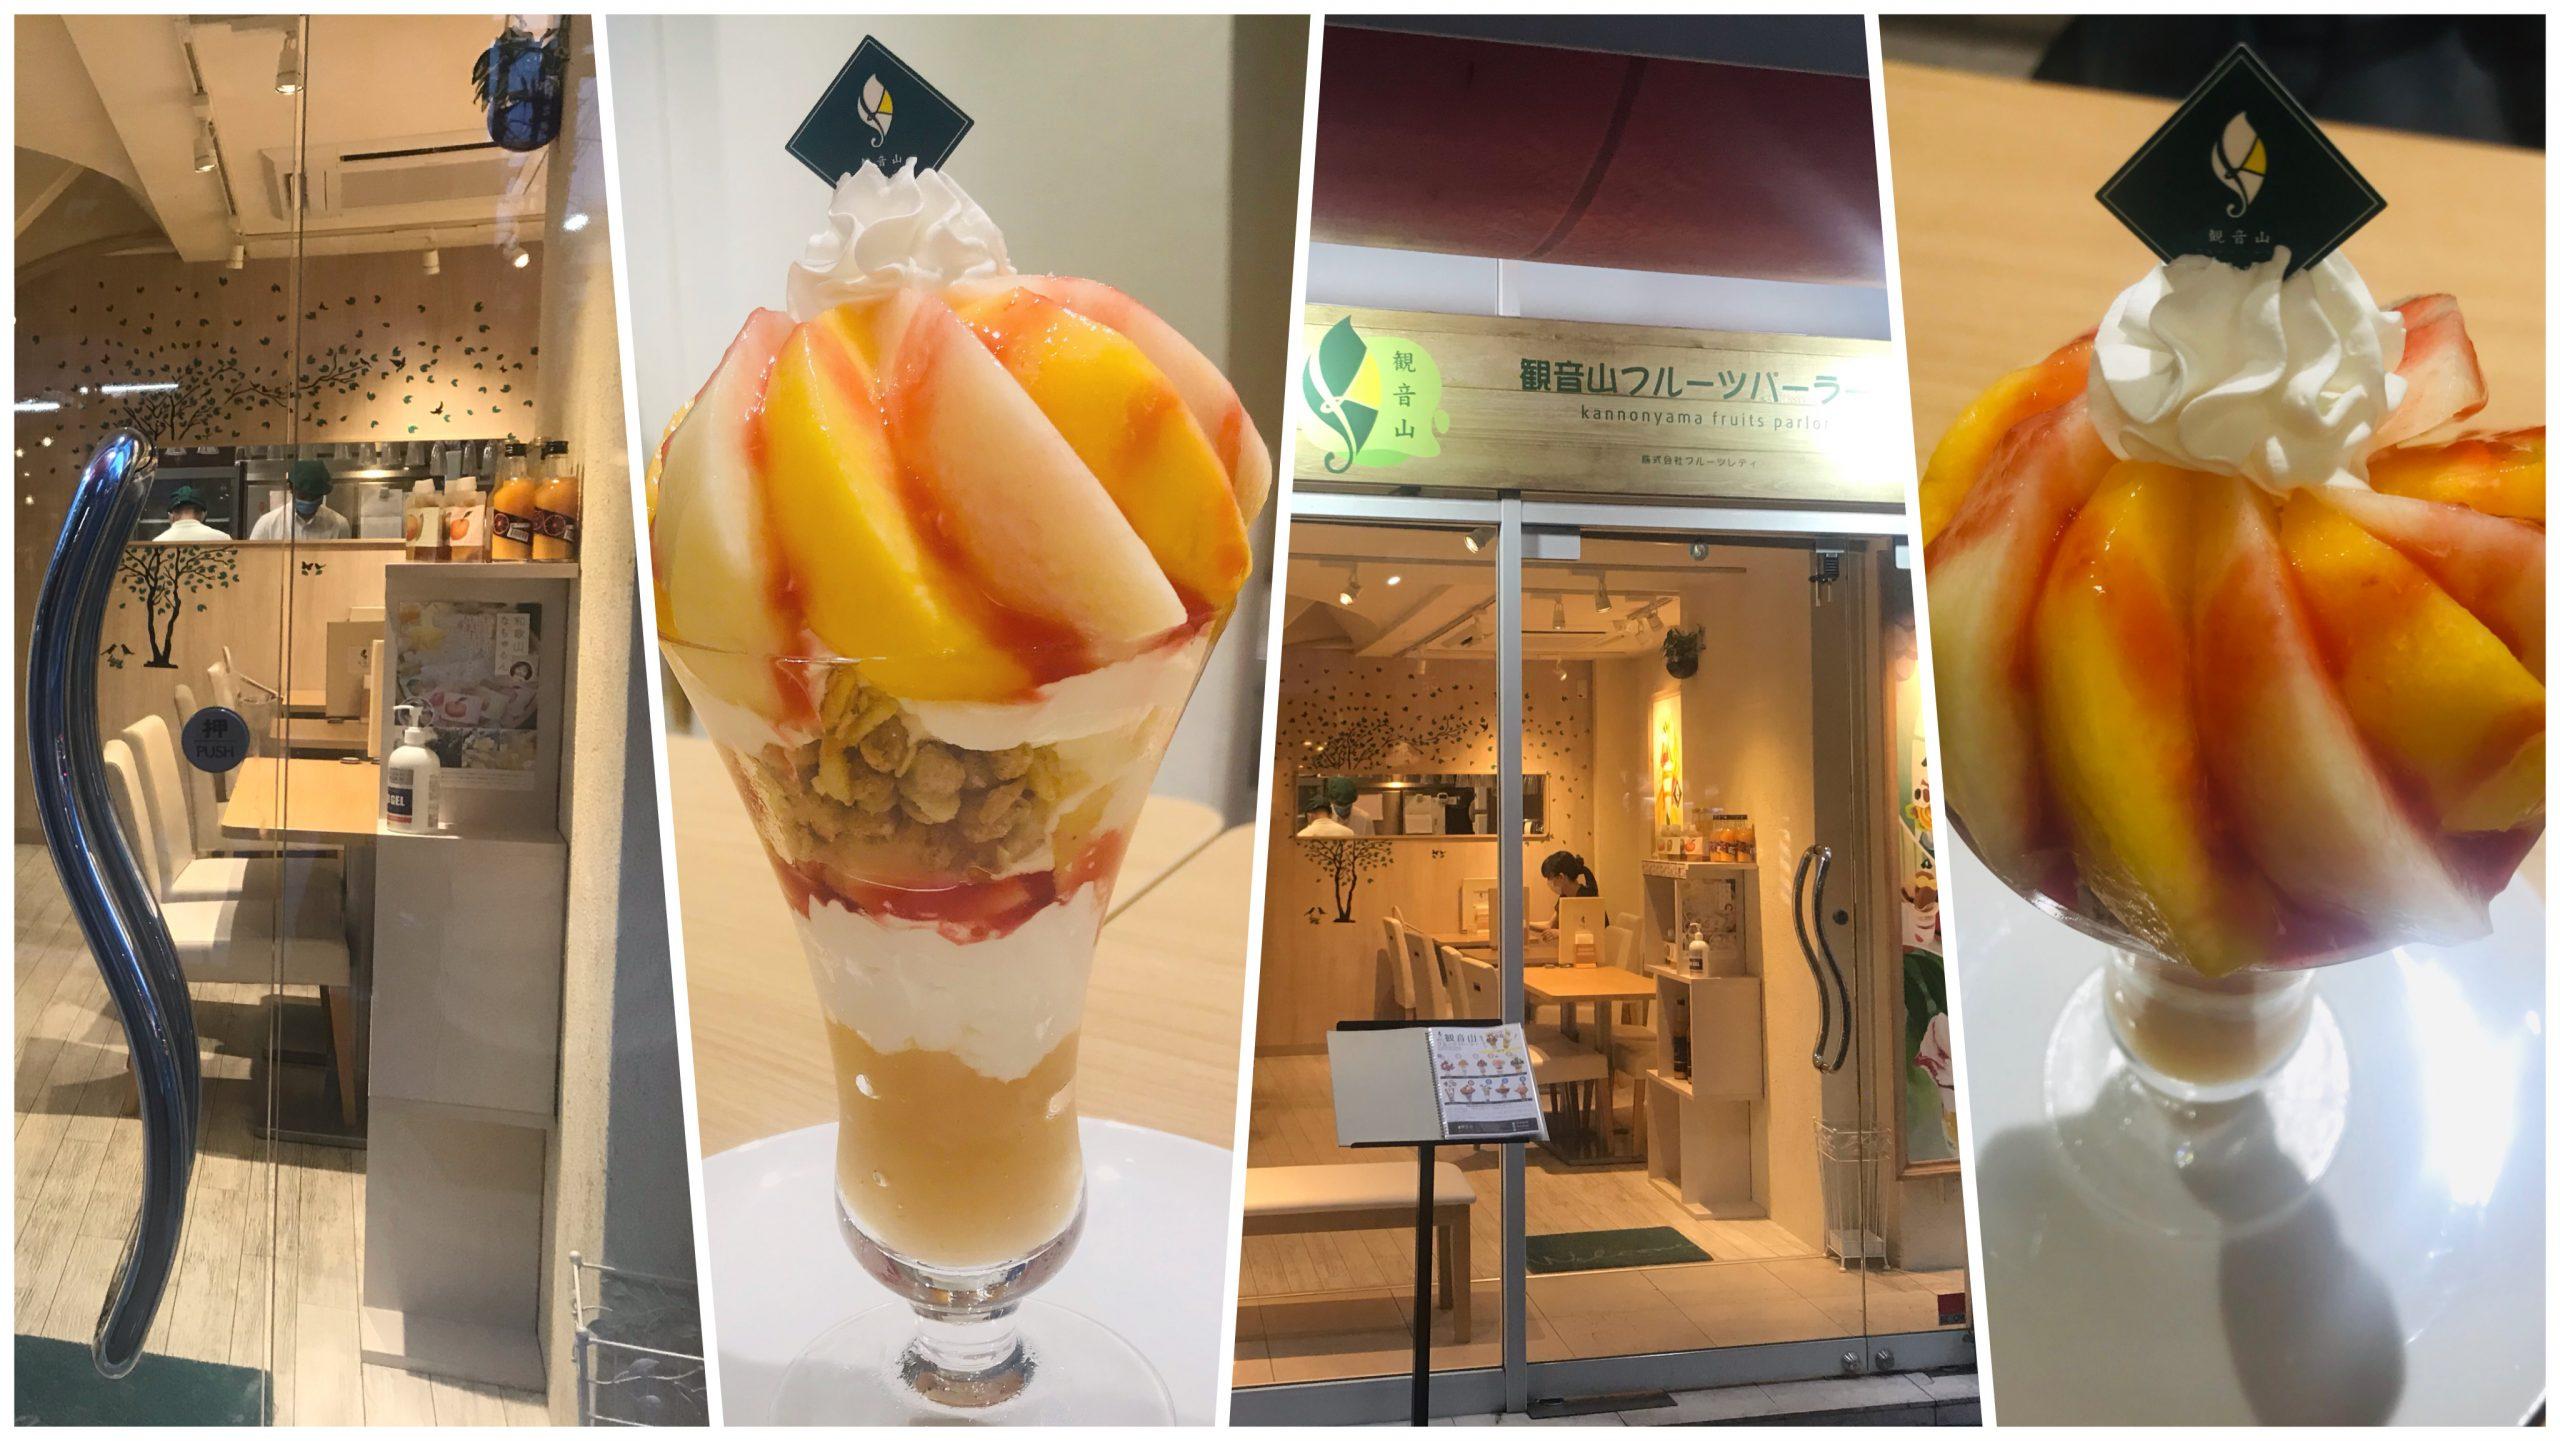 贅沢でリッチなパフェ『観音山フルーツパーラ― 神戸店 』🍑🍊🍓